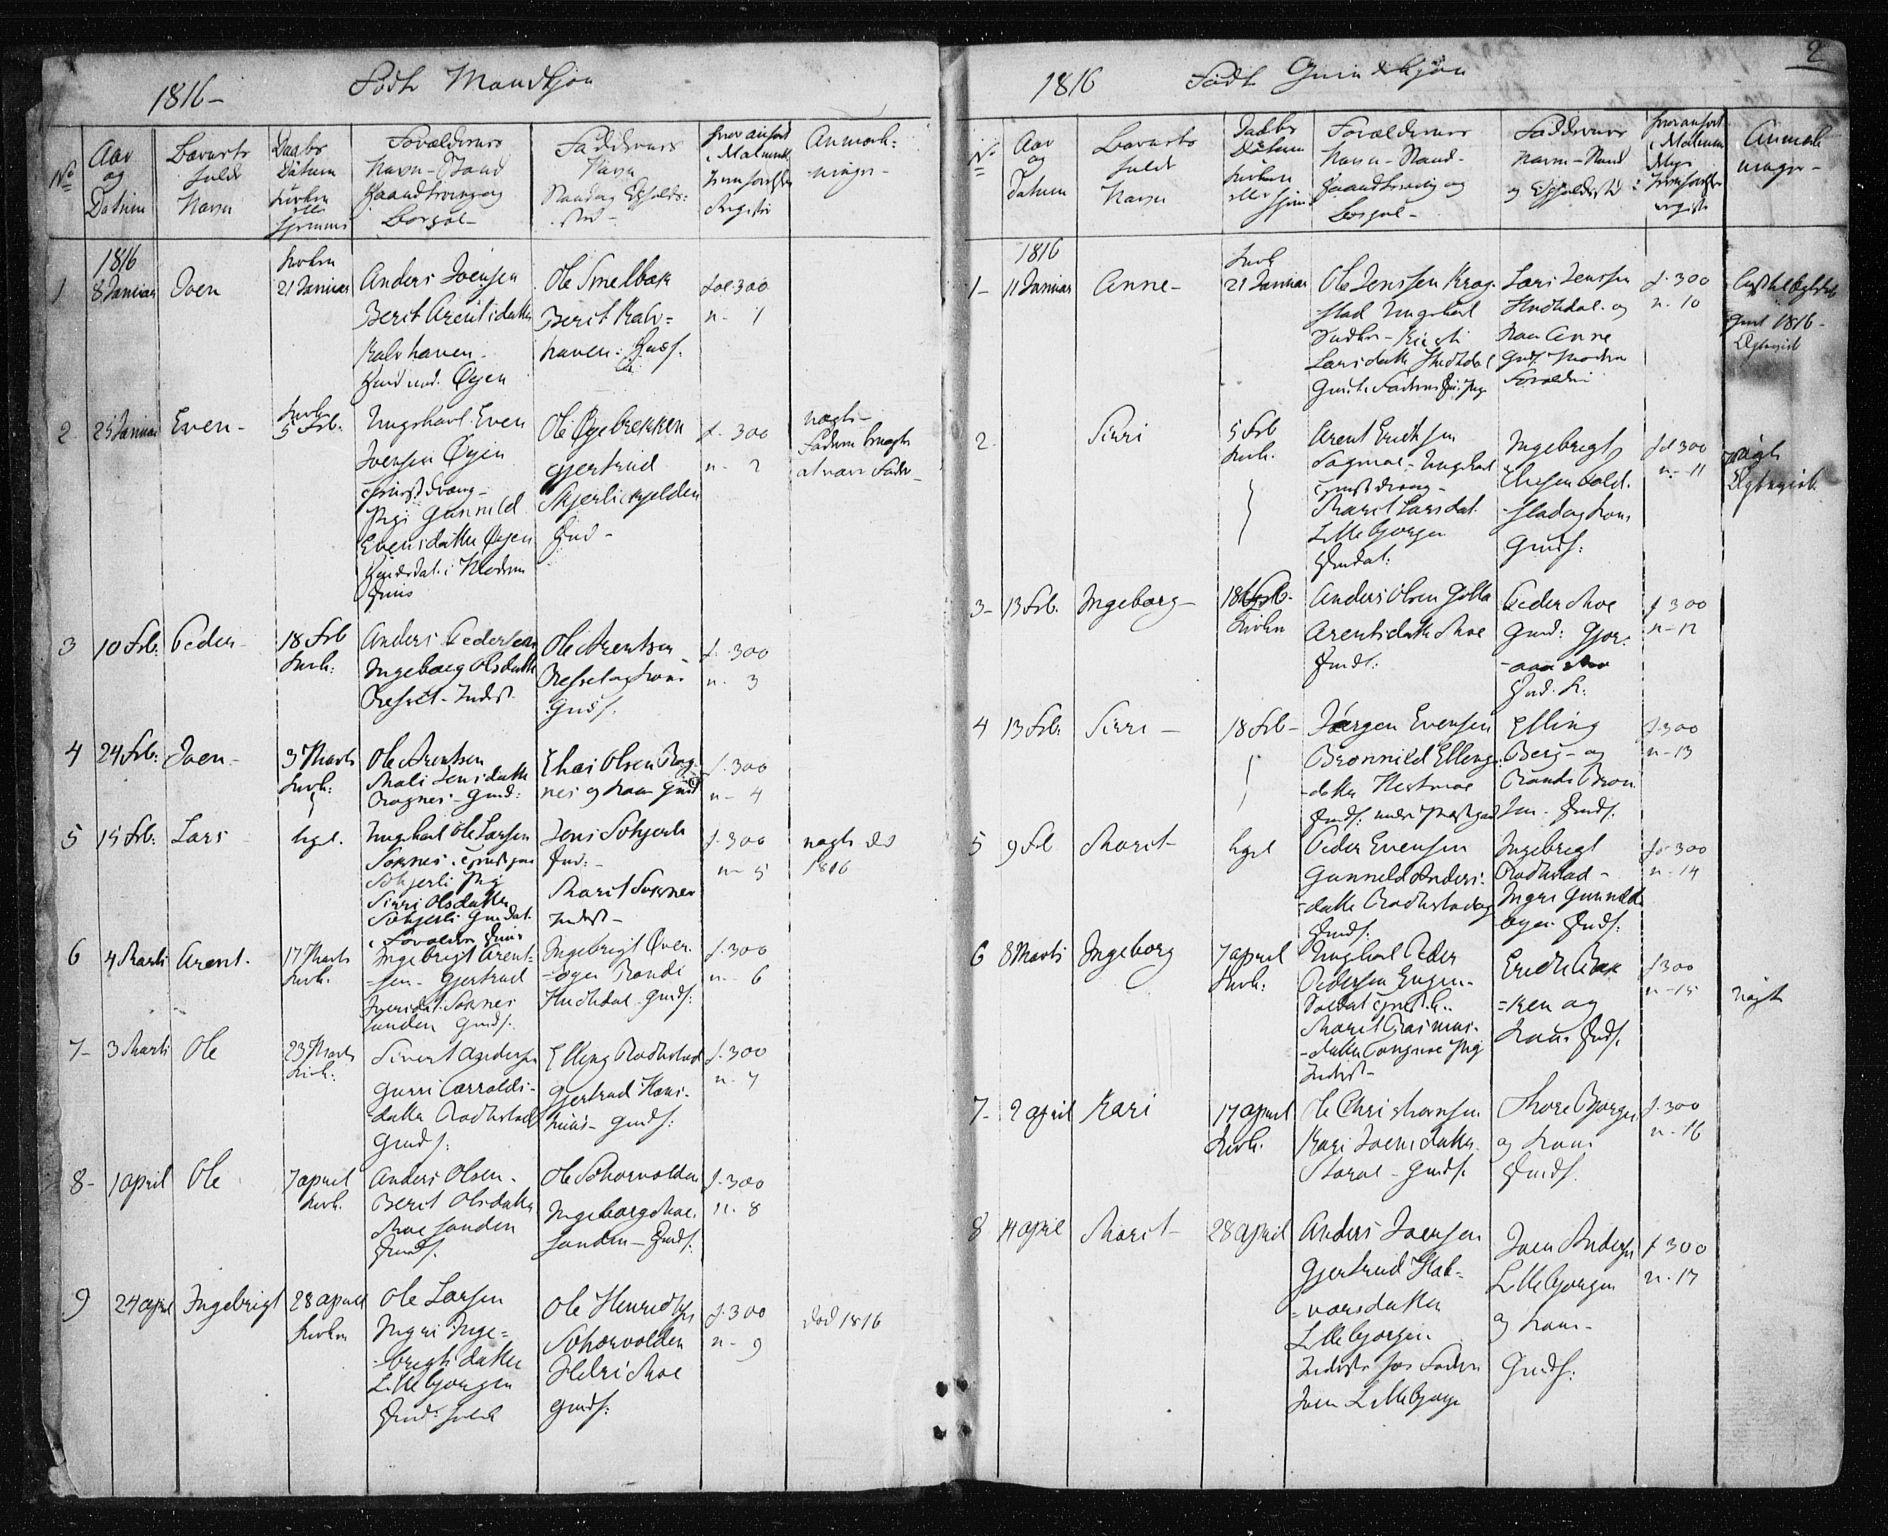 SAT, Ministerialprotokoller, klokkerbøker og fødselsregistre - Sør-Trøndelag, 687/L1017: Klokkerbok nr. 687C01, 1816-1837, s. 2